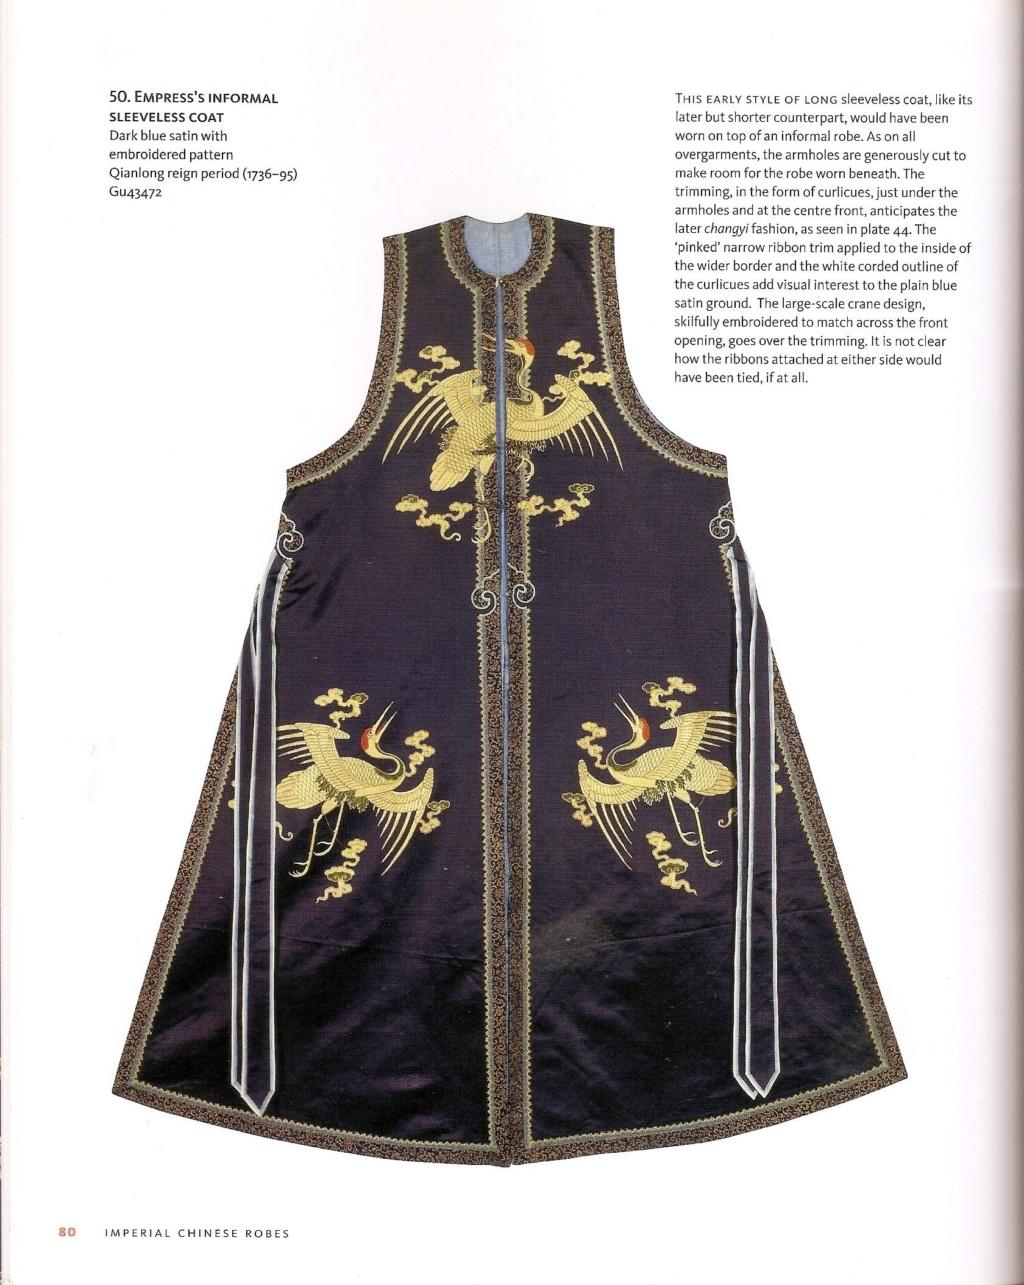 Série : The Legend of Zhen Huan (Empresses in the Palace), les atours de l'aristocratie chinoise au XVIIIe siècle 00de0a10